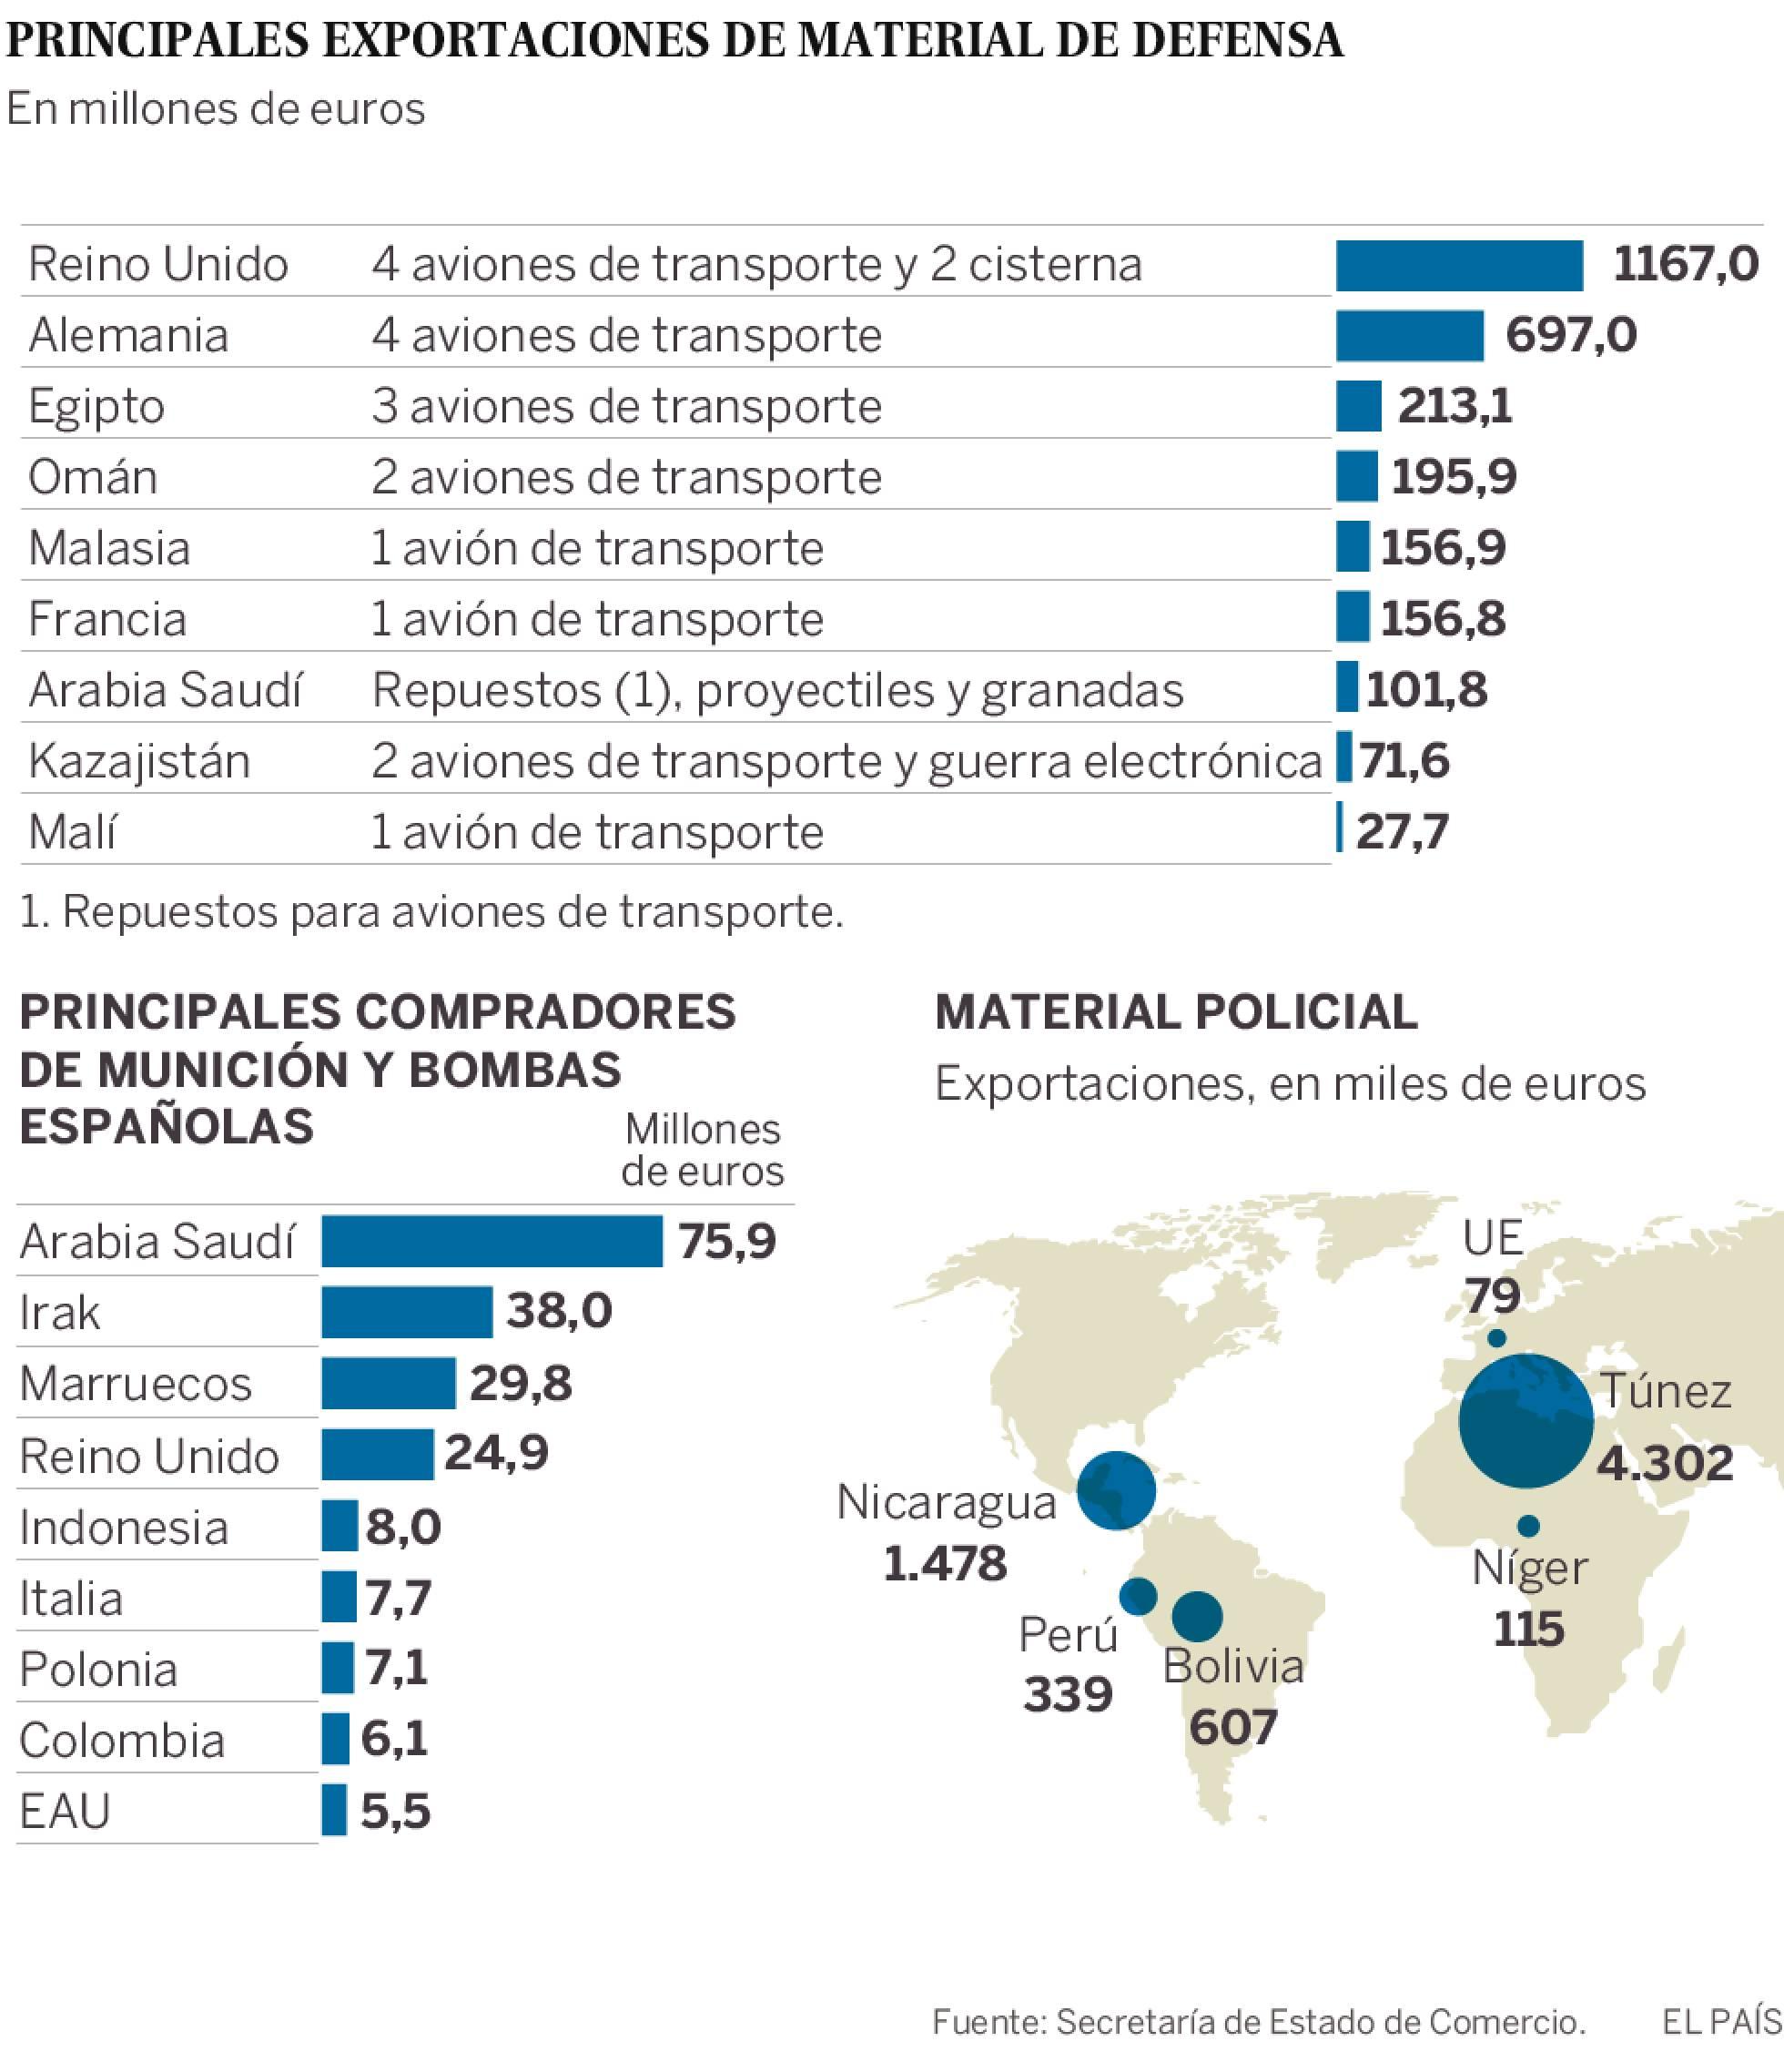 España: Industria militar y exportación de armas. Imperialismo capitalista y pacifismo... del otro lado. - Página 2 1495471091_746411_1495474473_sumario_normal_recorte1